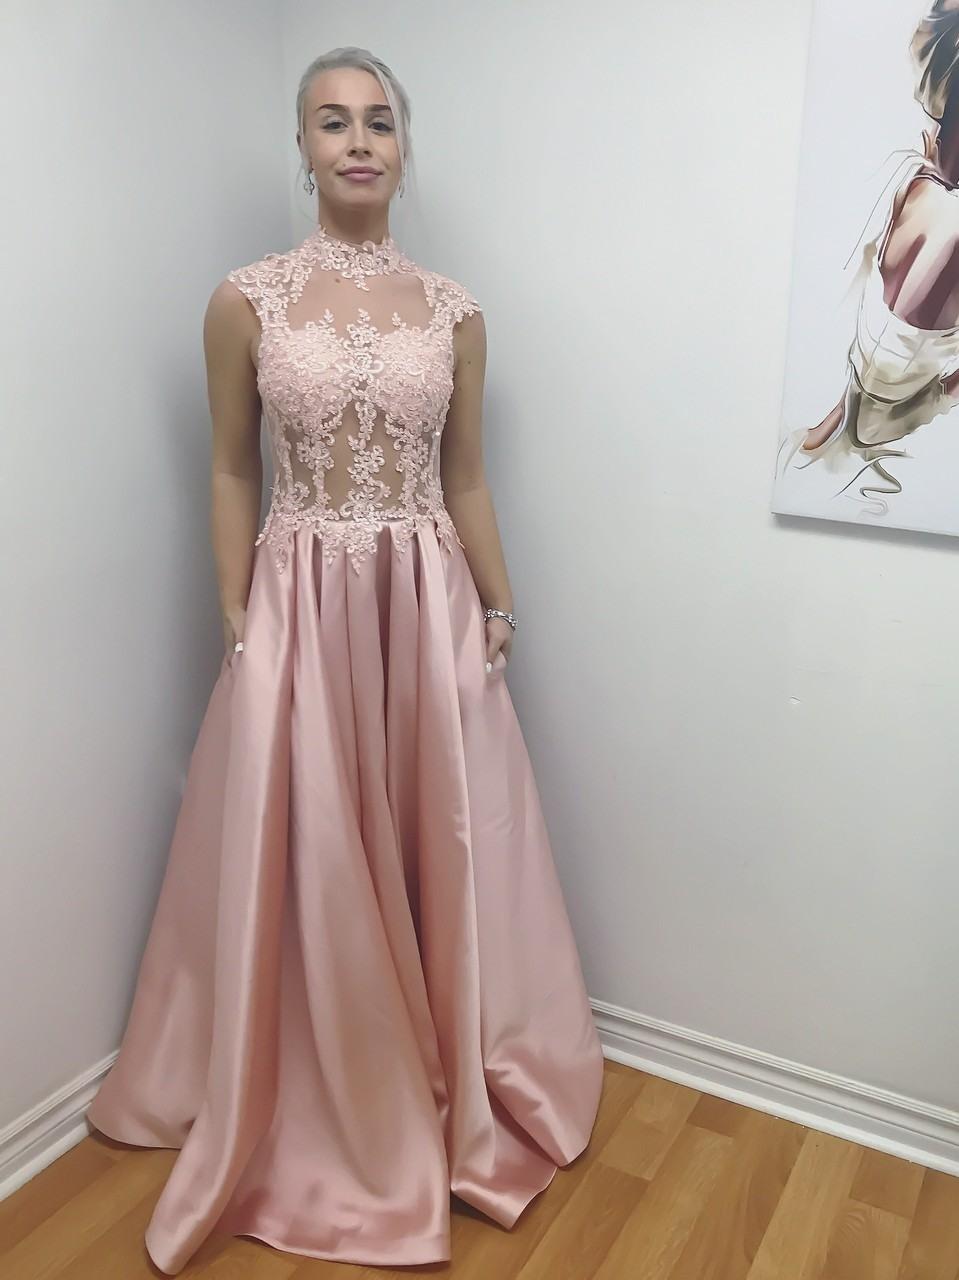 Designer Ausgezeichnet Lange Abendkleider Elegant Design15 Einfach Lange Abendkleider Elegant Bester Preis